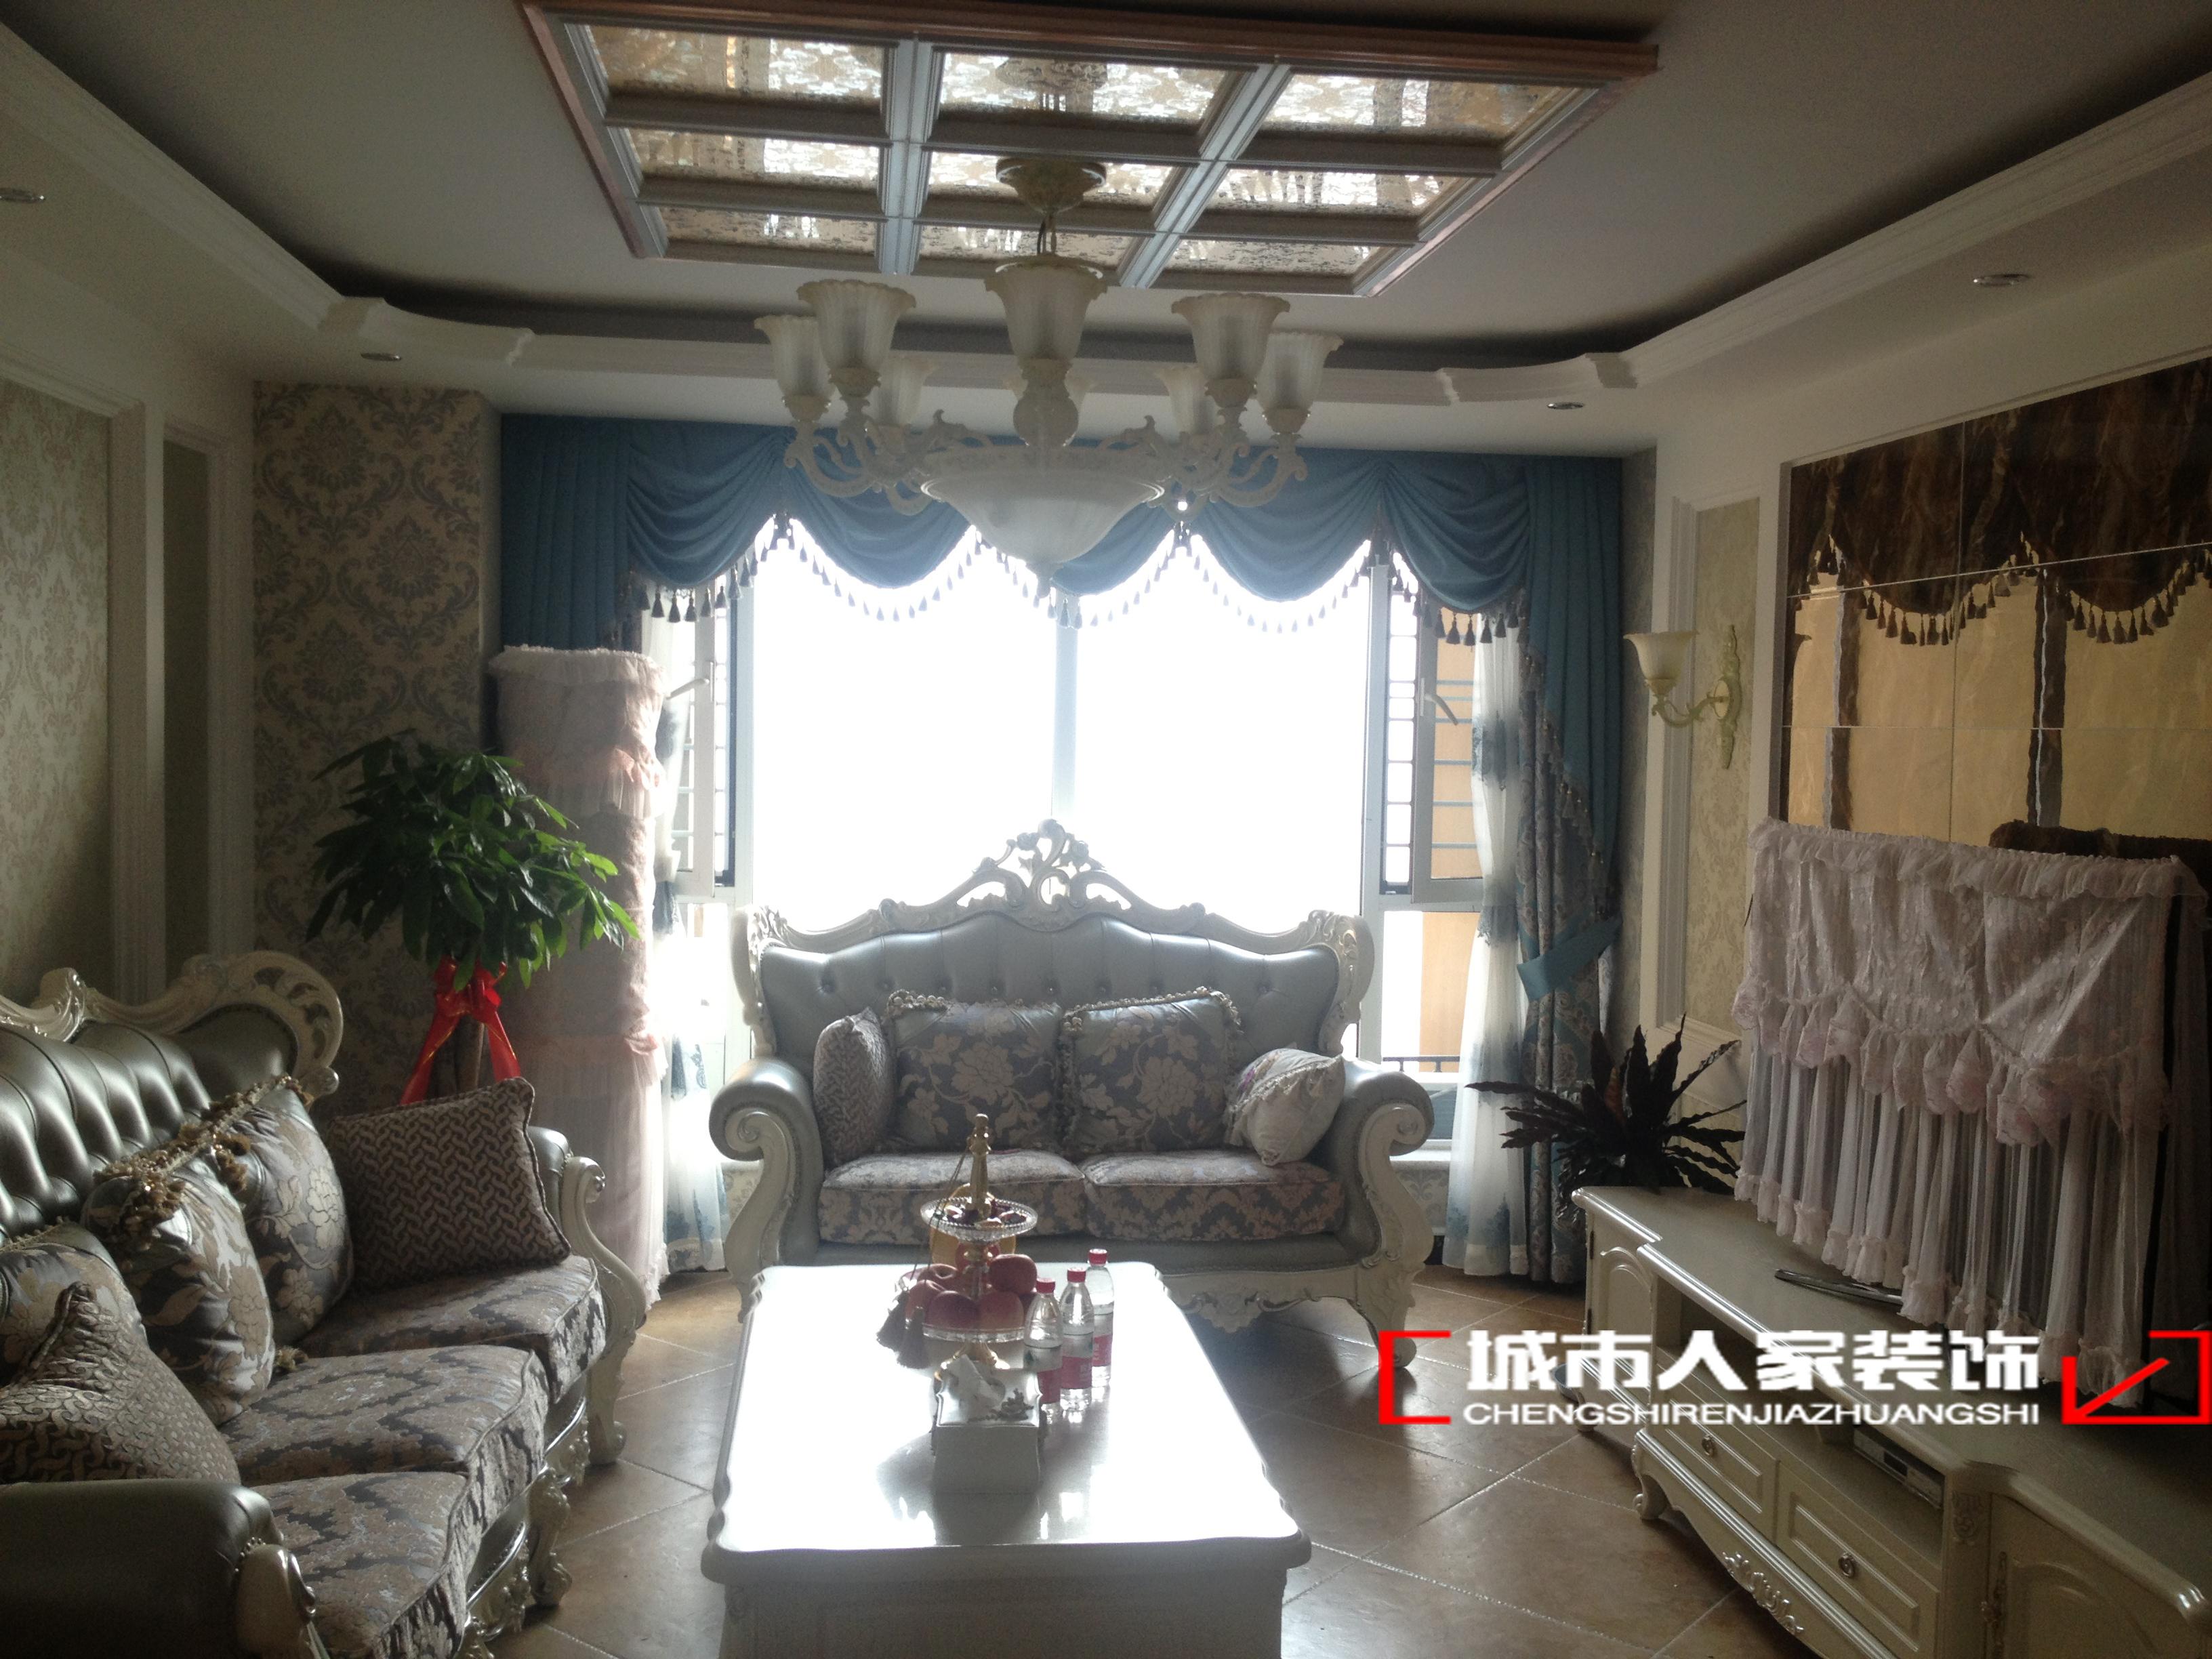 欧式 二居 客厅 卧室 沙发 客厅图片来自石家庄装修装饰设计公司在国赫红珊湾110平欧式的分享